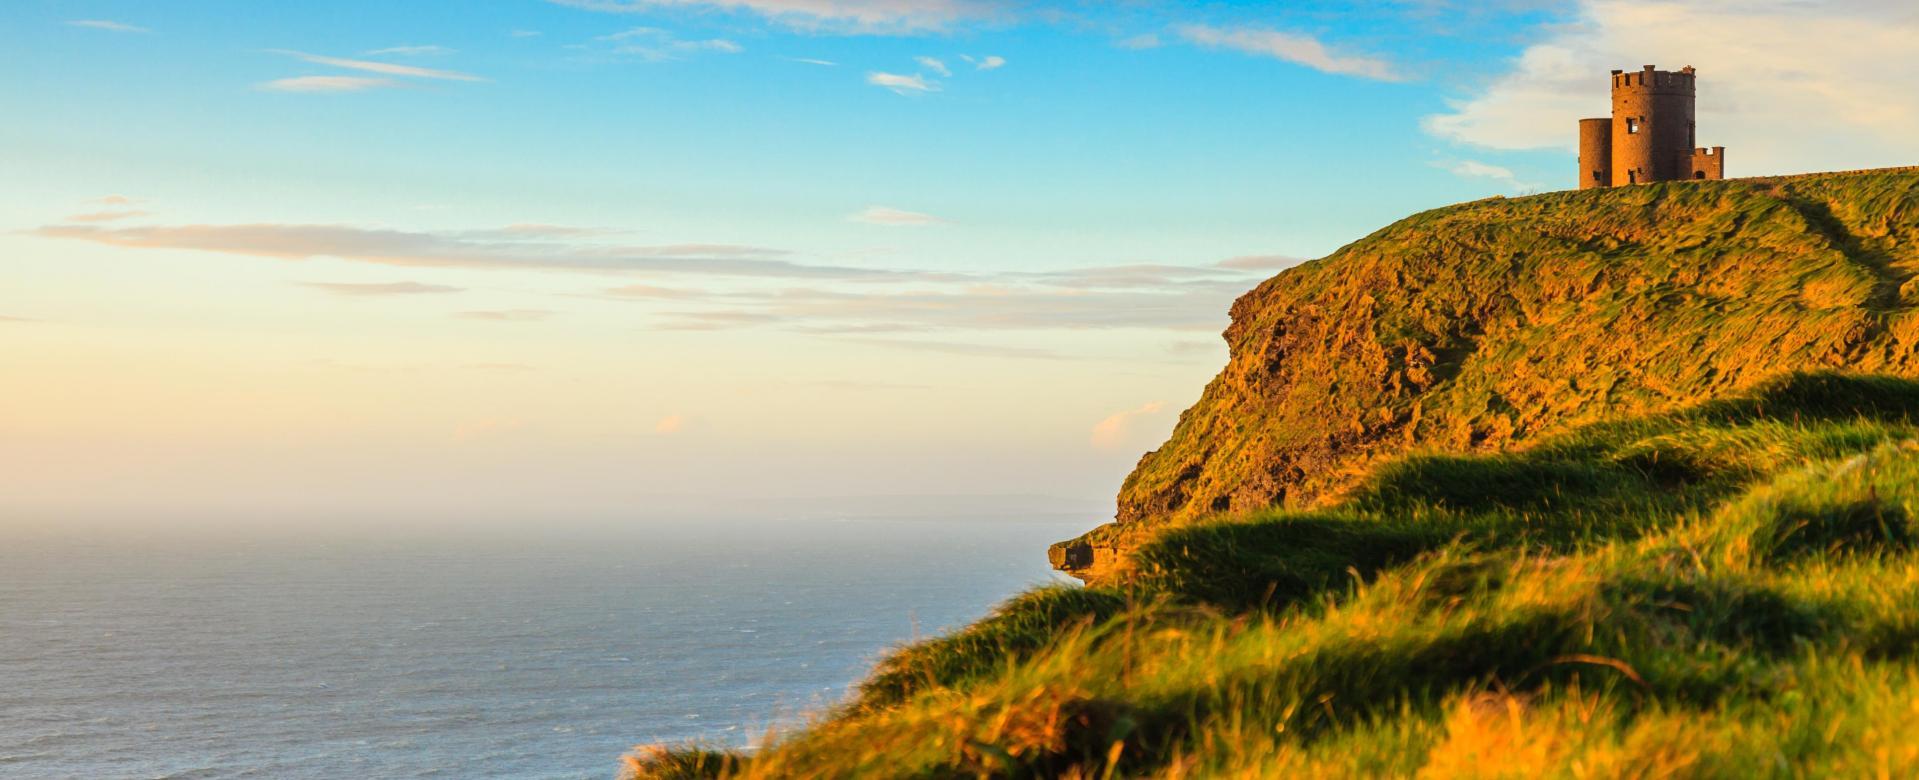 Voyage à pied Irlande : Le connemara en 9 jours